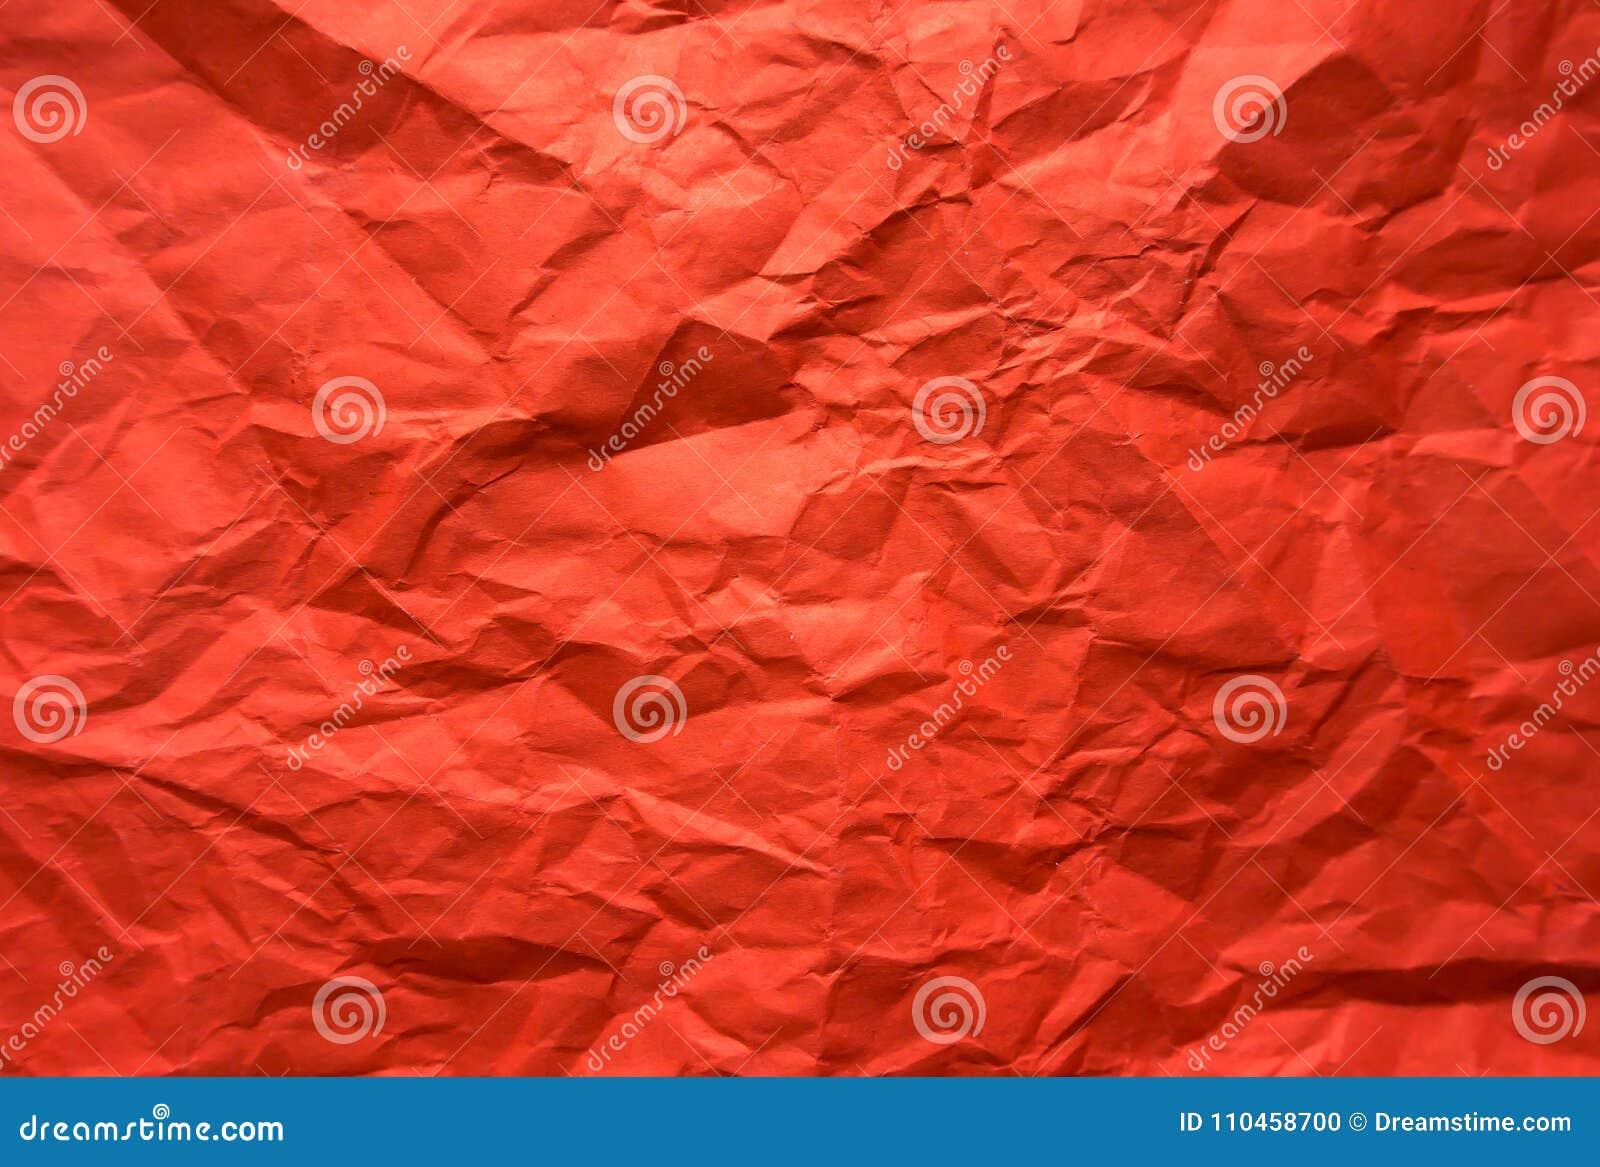 Bakgrund Skrynkligt rött ark av papper